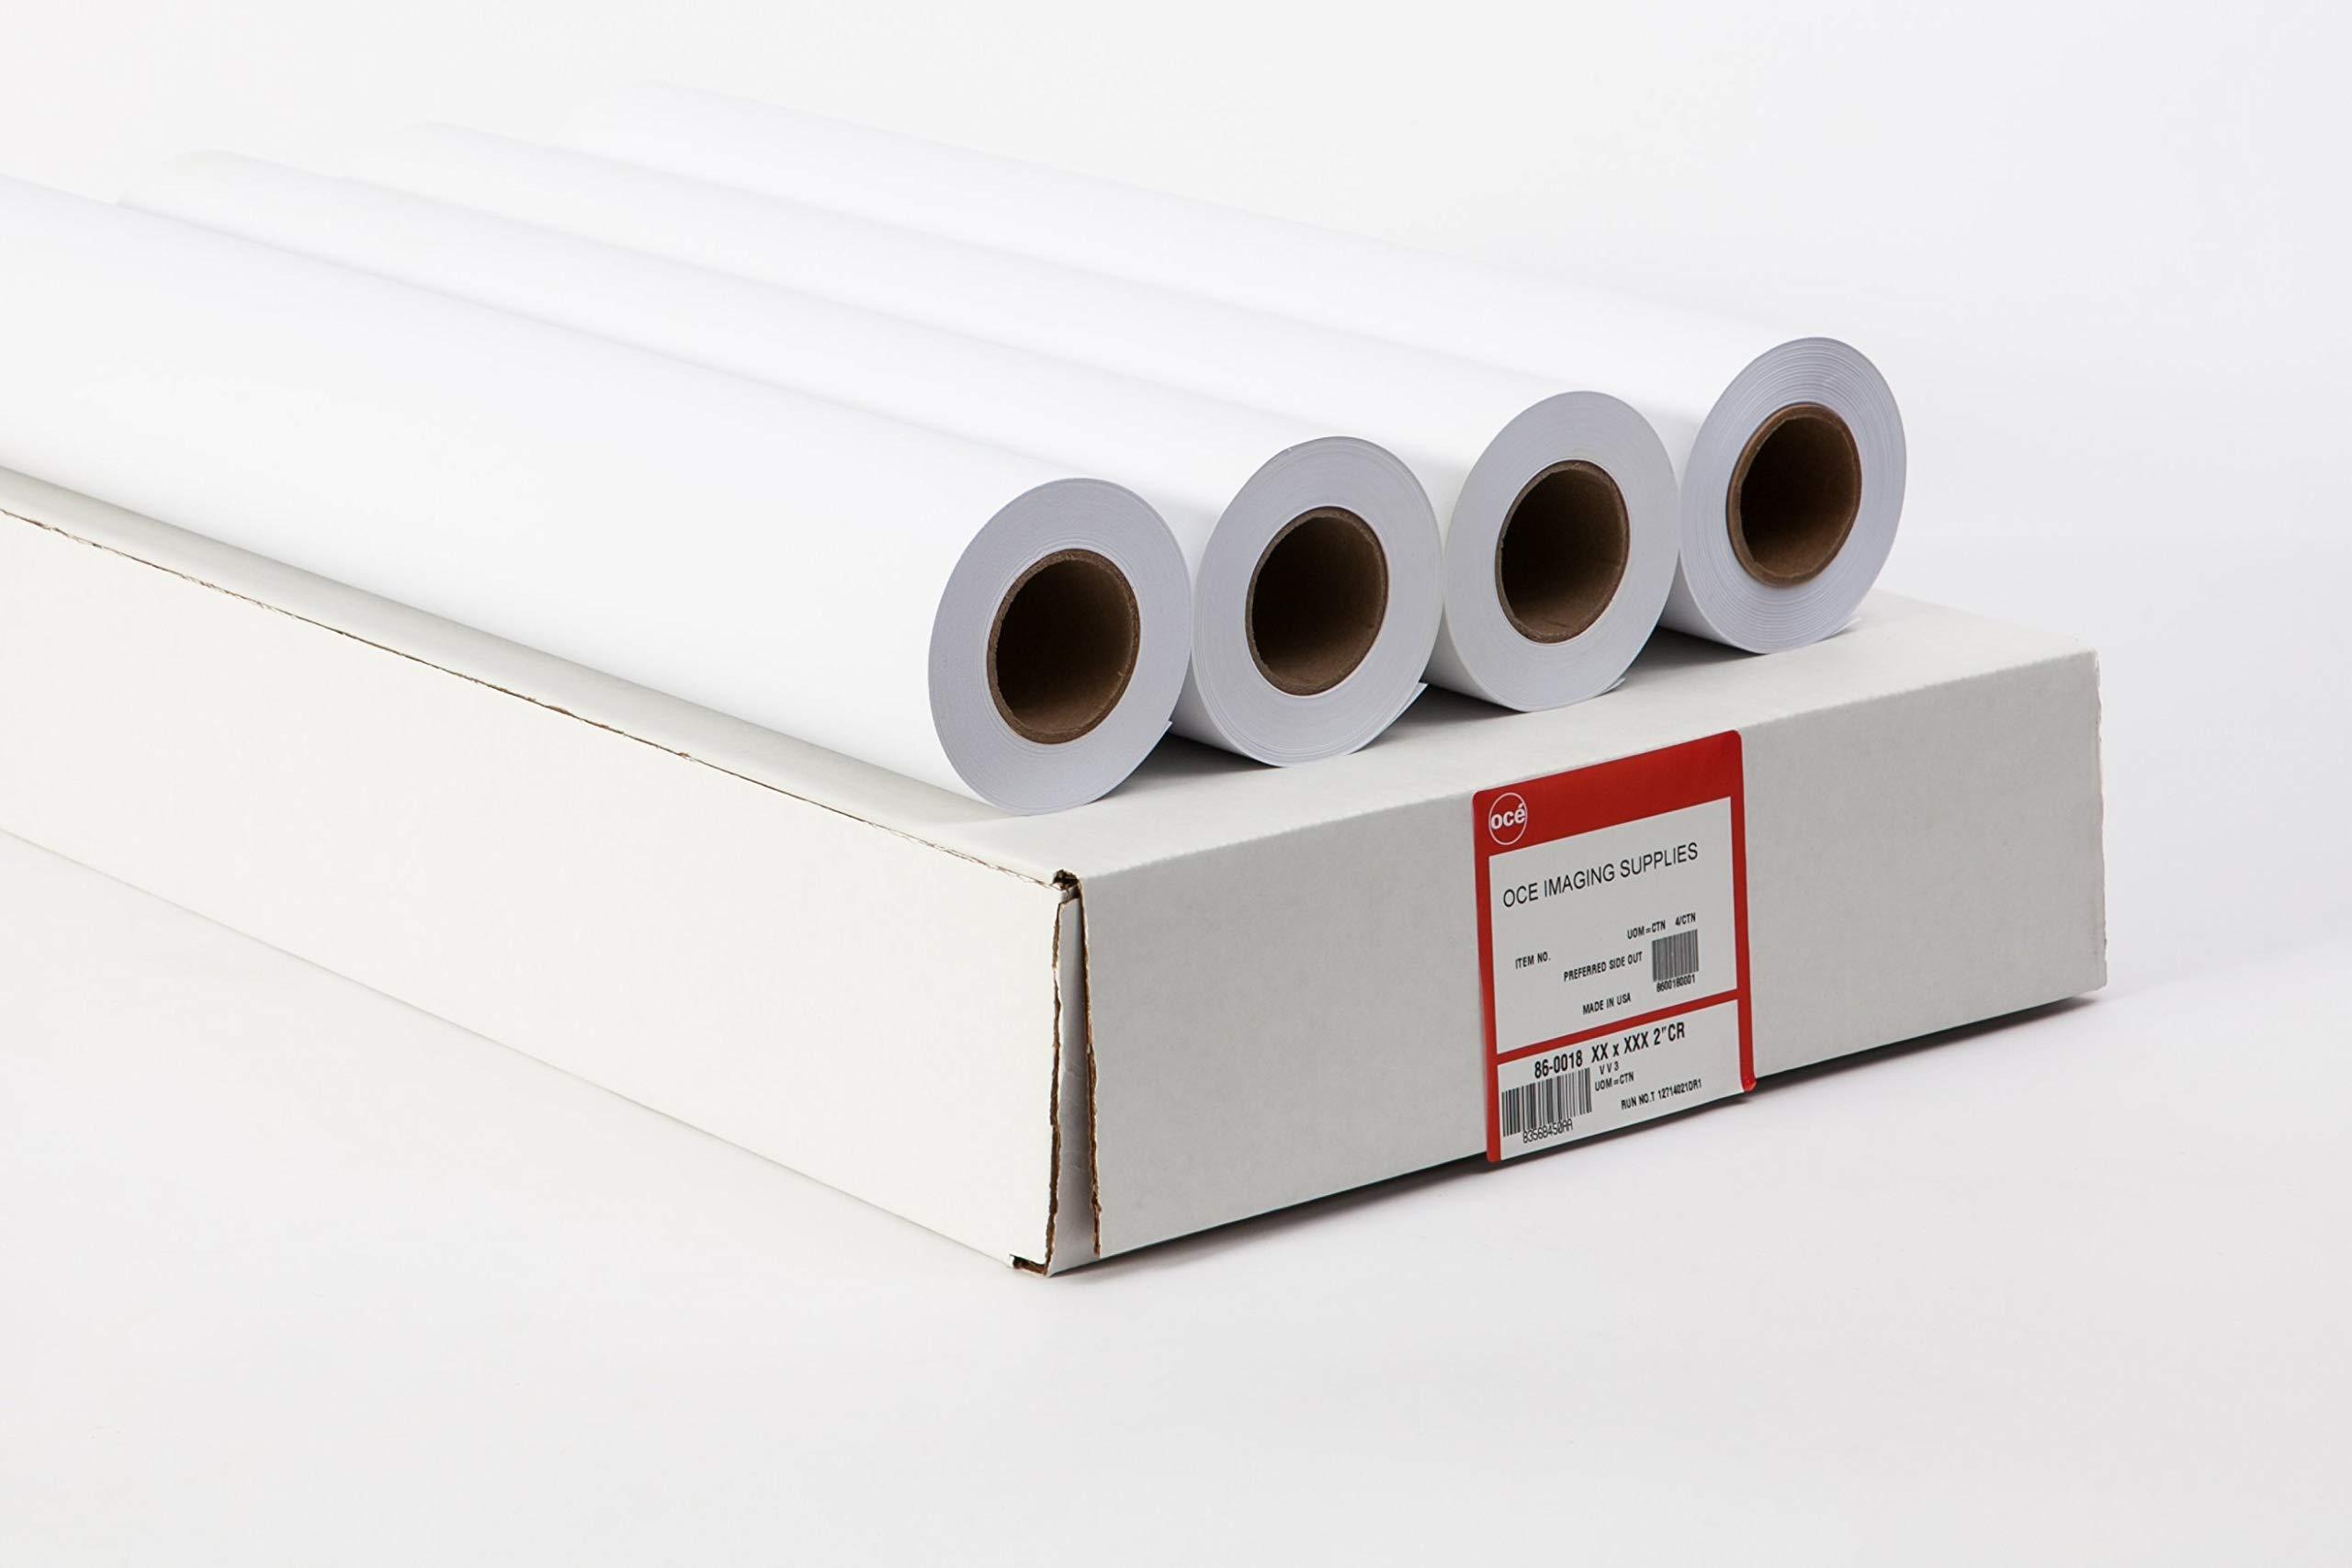 Oce 24# Deluxe Inkjet - 86900 Plotter Paper - 34'' x 150' (4 roll carton - 2 inch core)